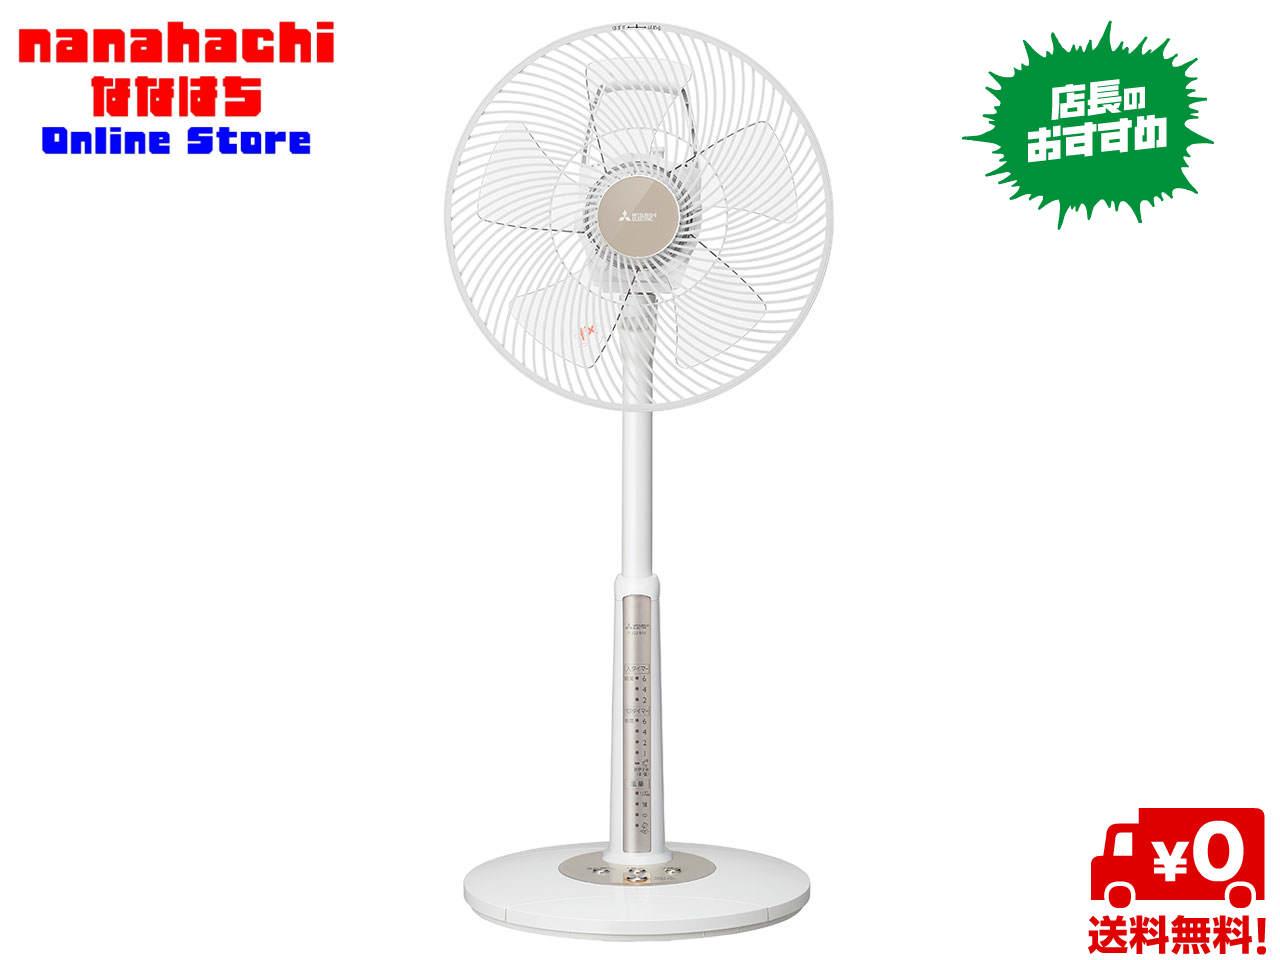 リビング扇風機 三菱電機 扇風機 R30J-MV-W [クールホワイト] ACモーター扇風機 本体操作タイプ・リモコンなし■使いやすいスタンダードタイプ。【送料無料・一部地域を除く】